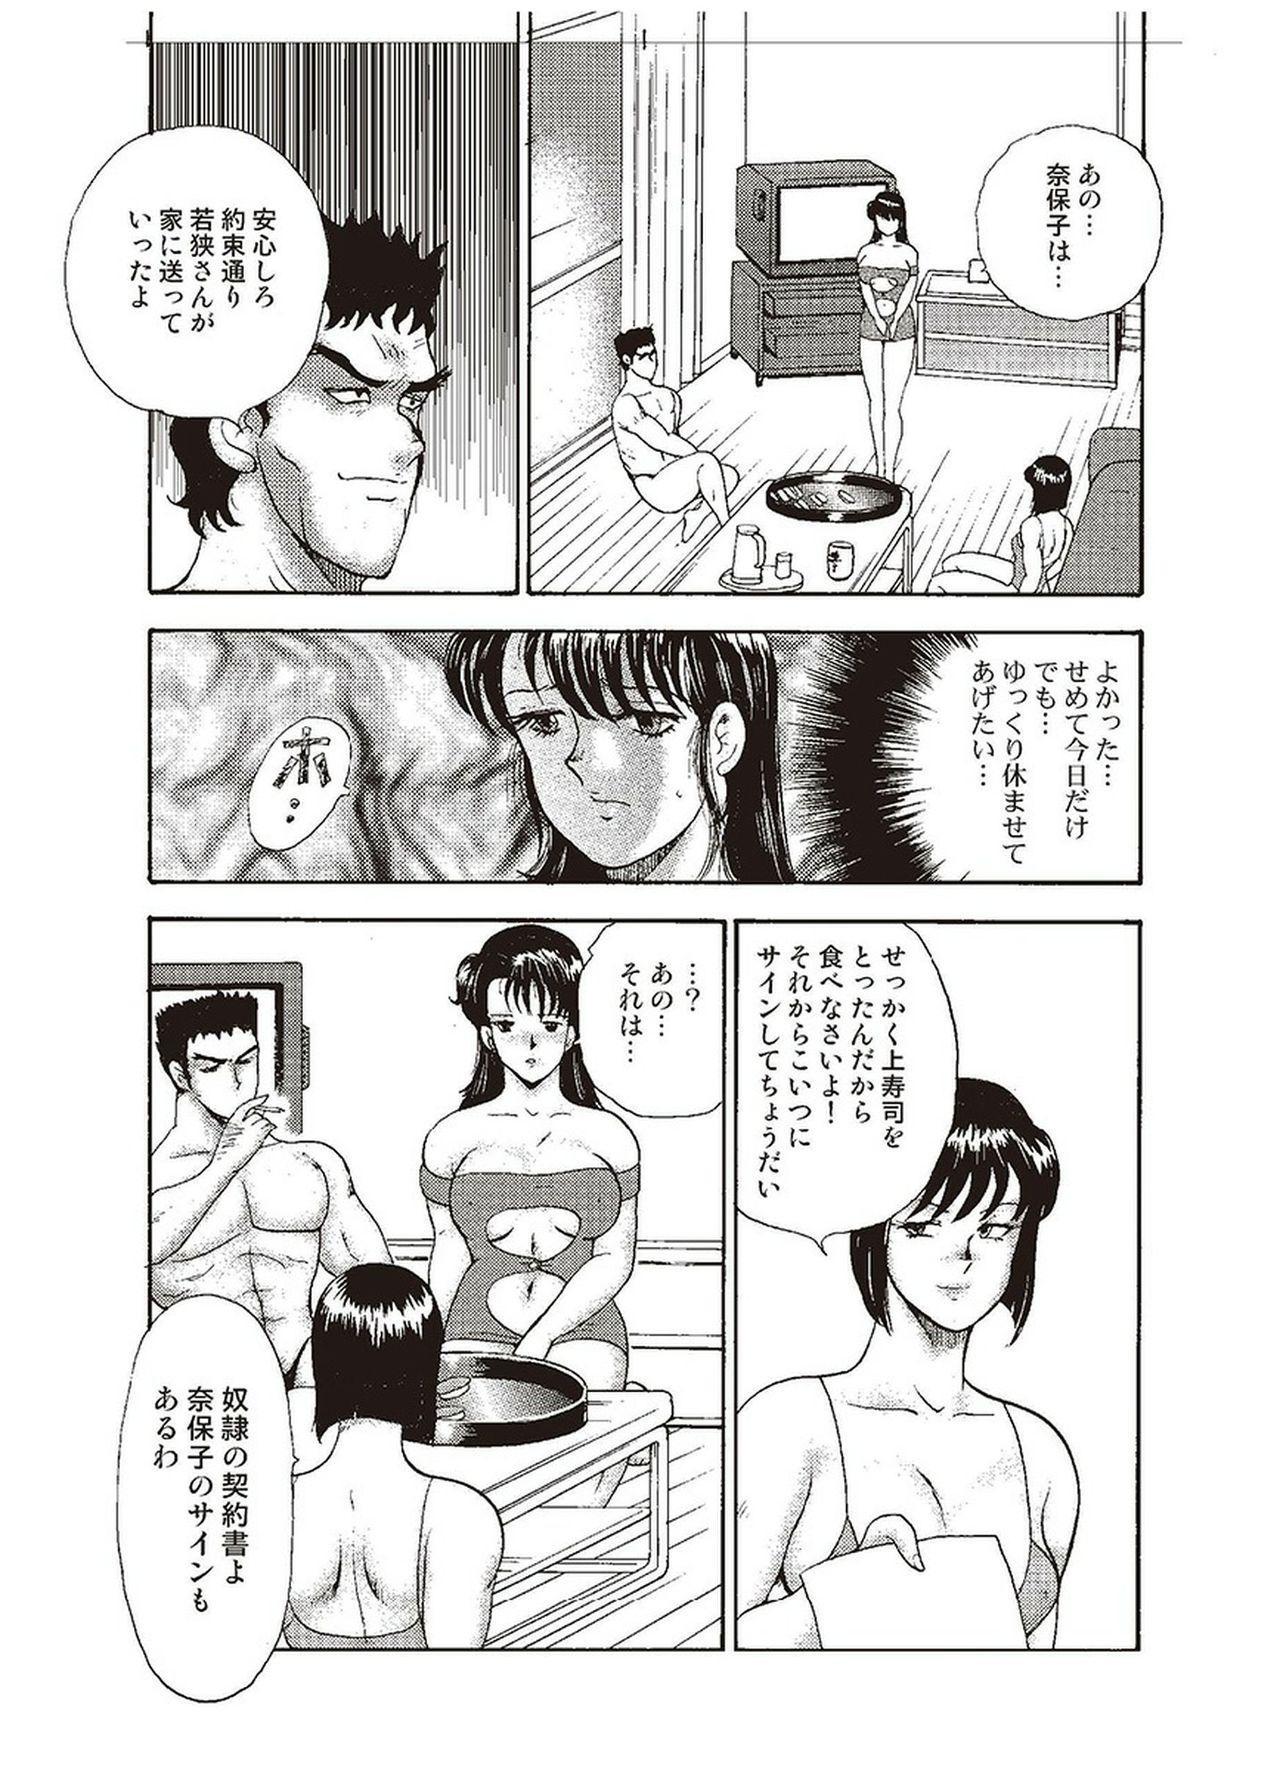 Maihime Chigoku no Ori Ni 183